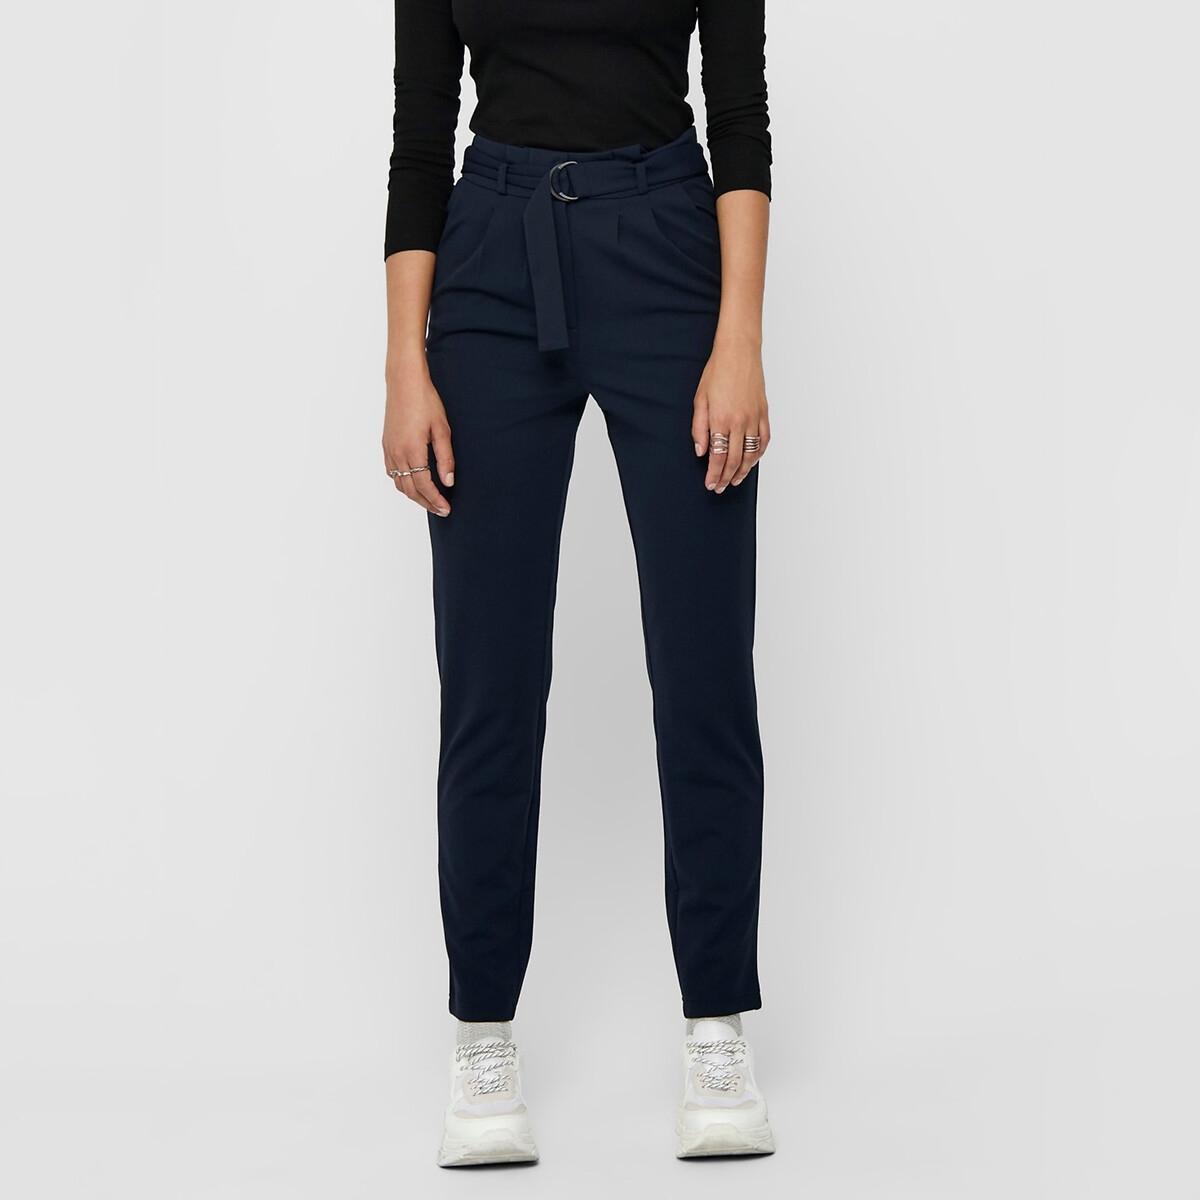 Брюки La Redoute Прямые с завышенной талией XS синий брюки la redoute широкие с завышенной талией и стилизованным рисунком m красный